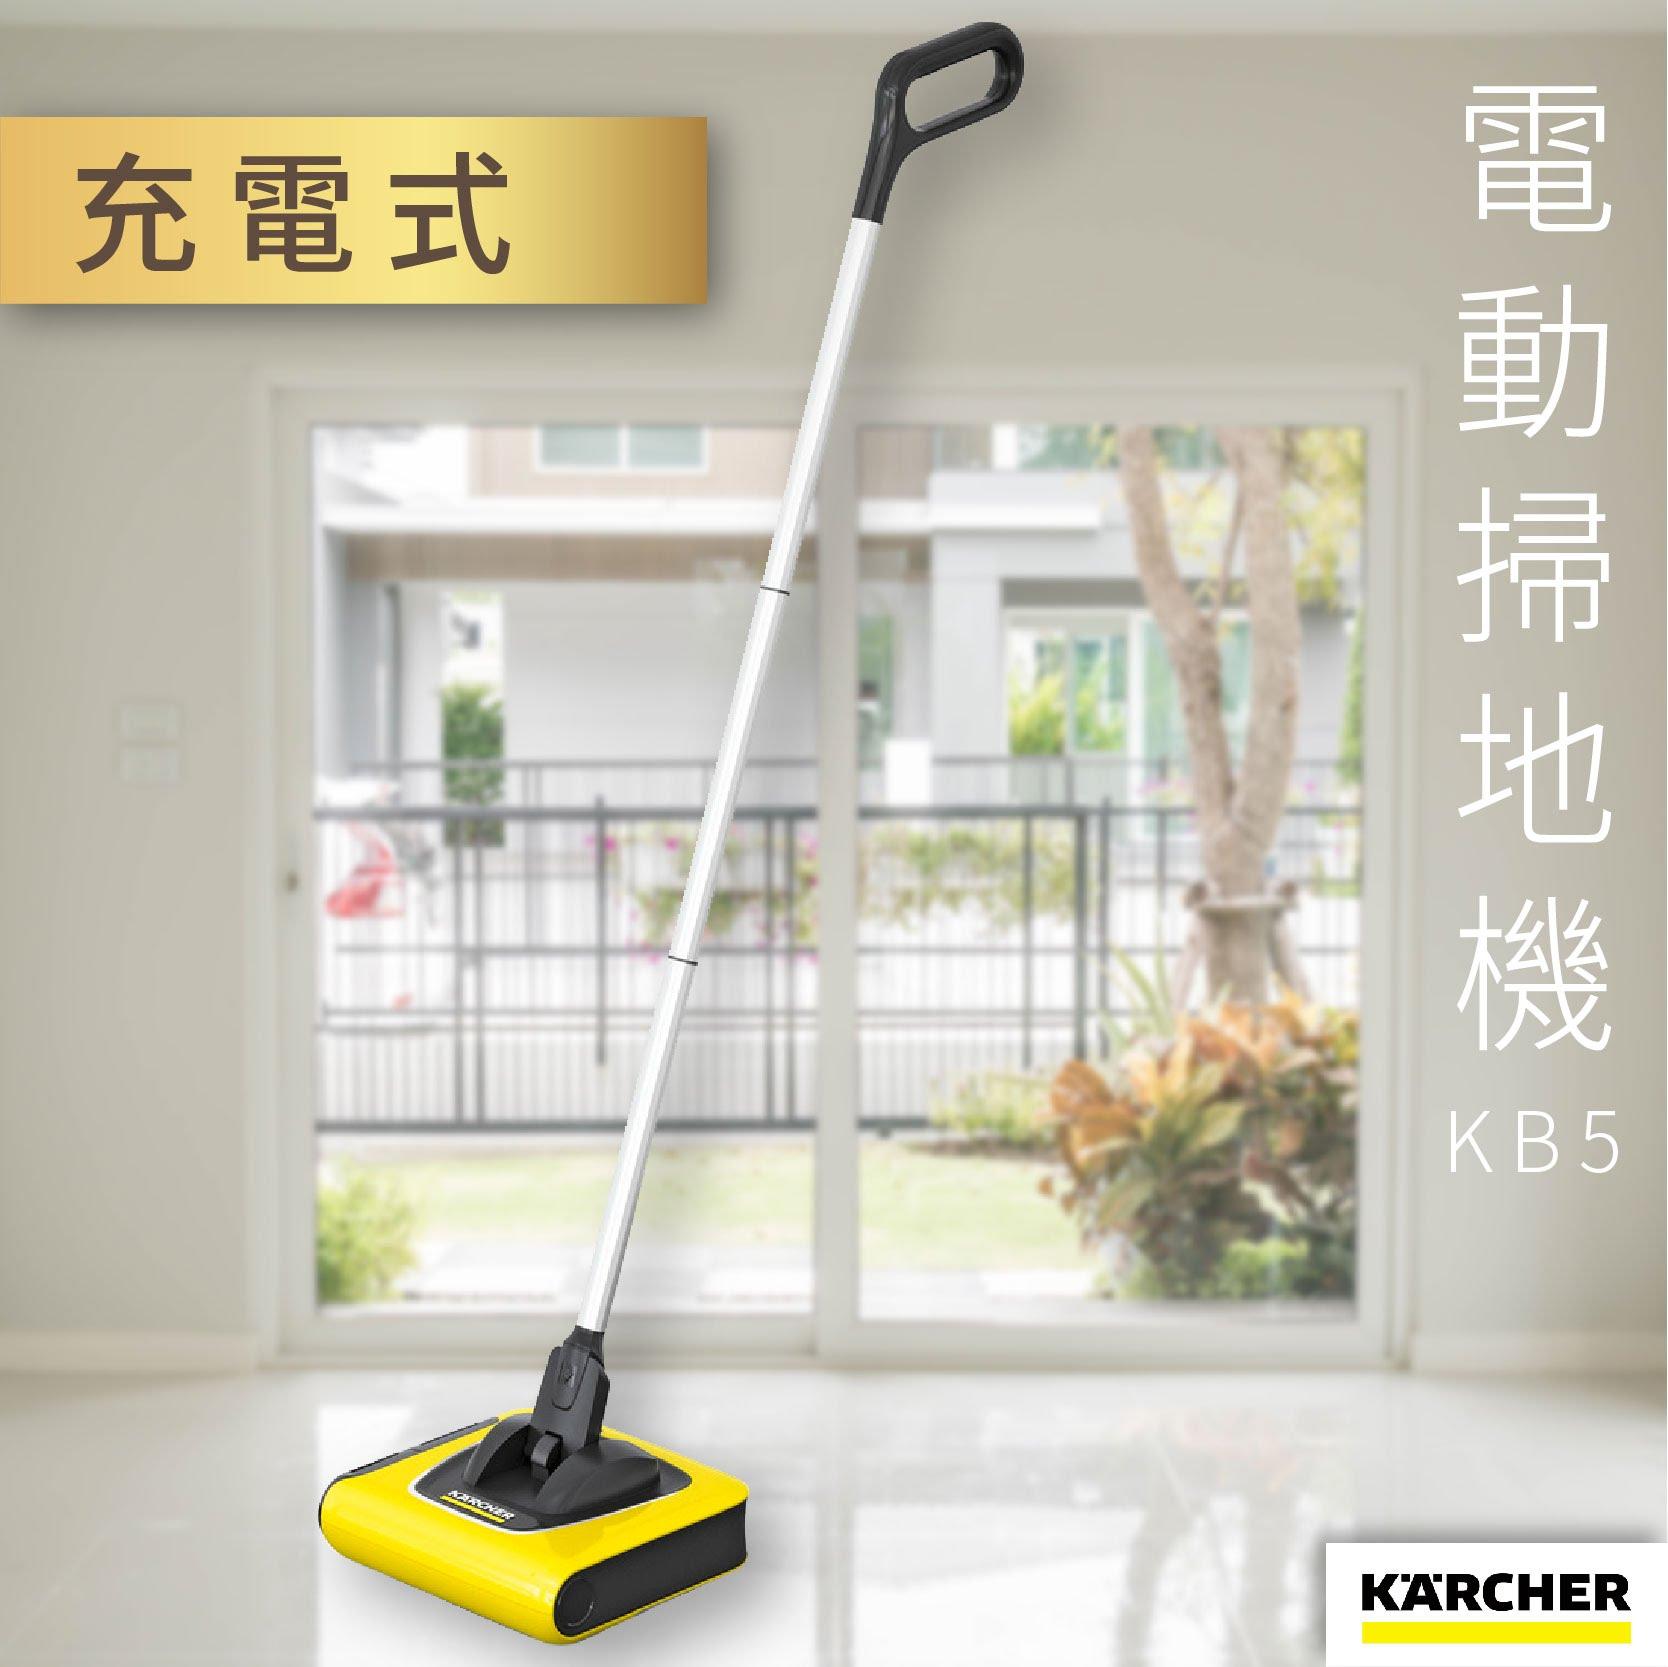 原廠保固【德國凱馳Karcher】KB5 無線電動掃地機 (清潔/打掃/吸地/吸塵器/集塵器/長效充電/輕巧設計)